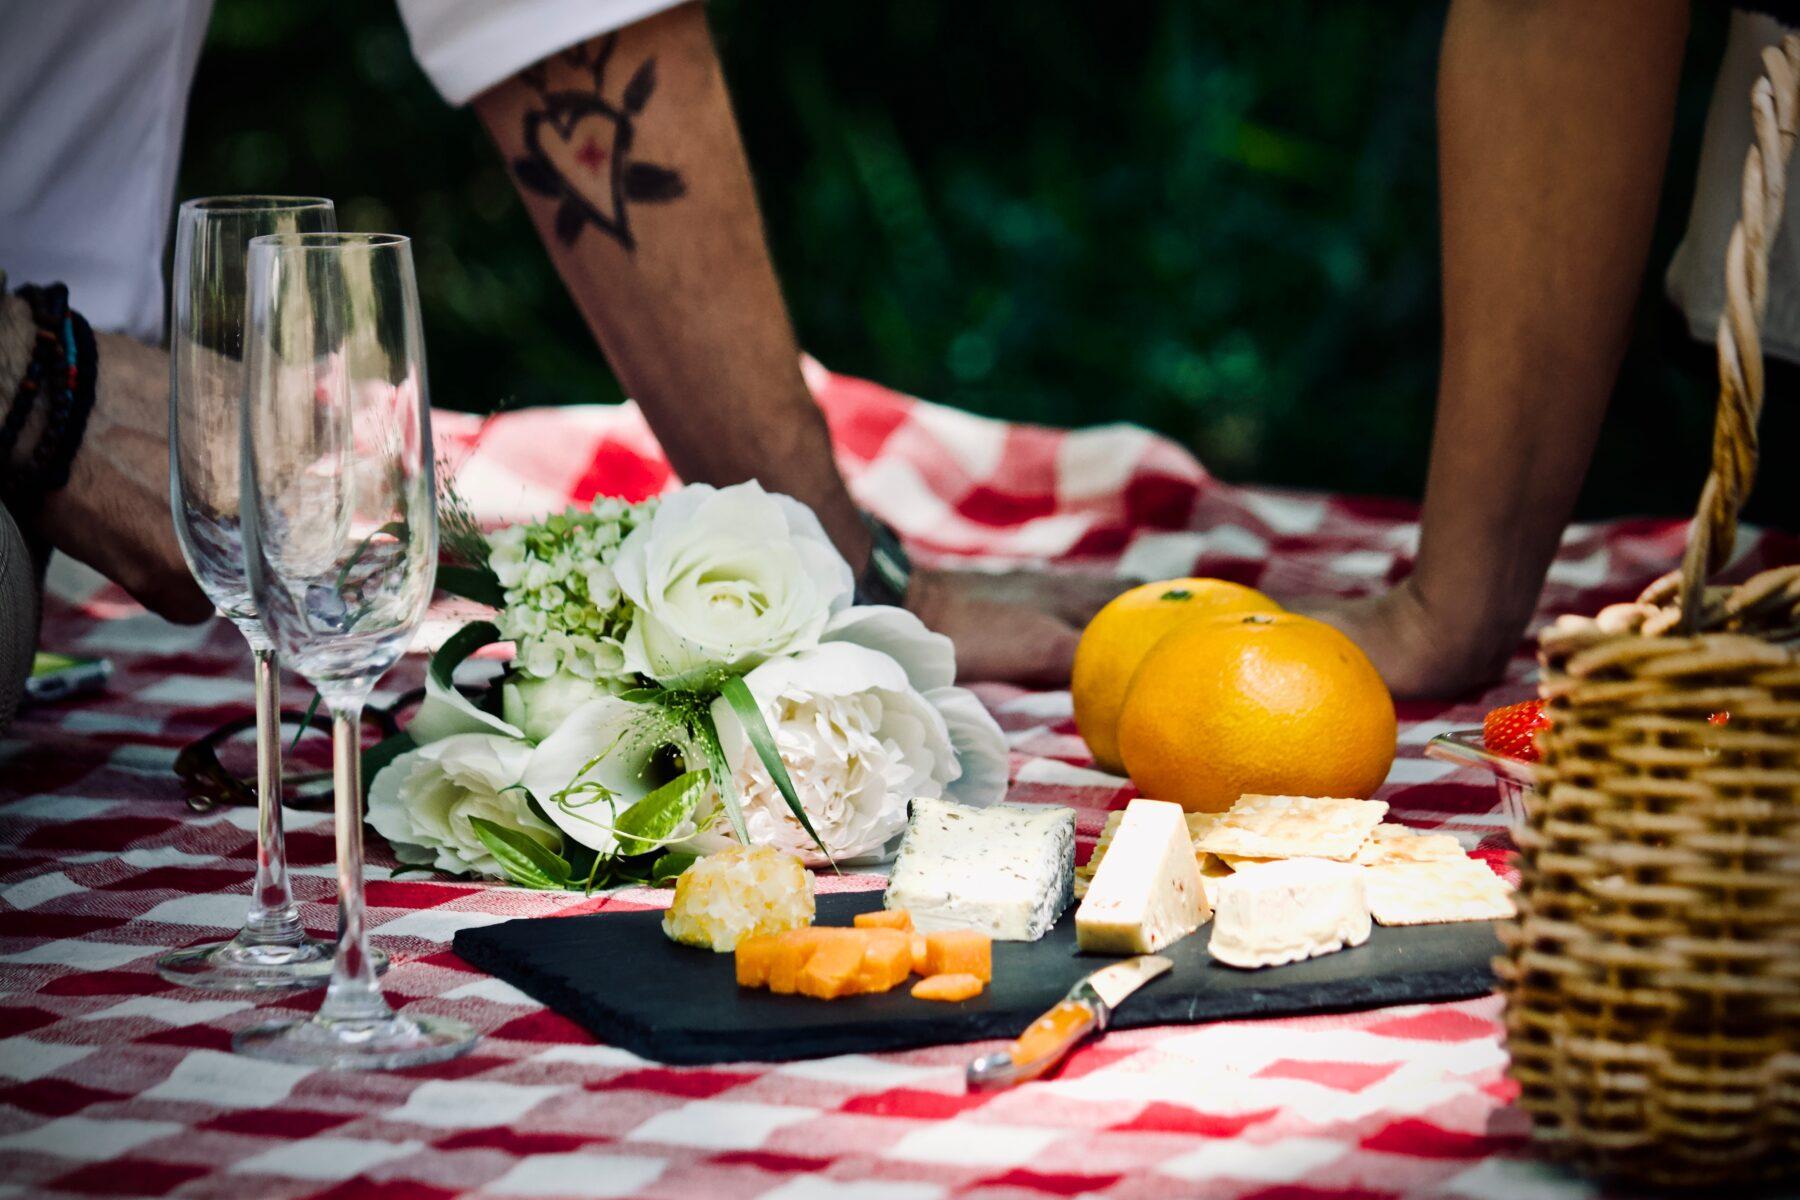 Nordrhein-Westfalen picknick